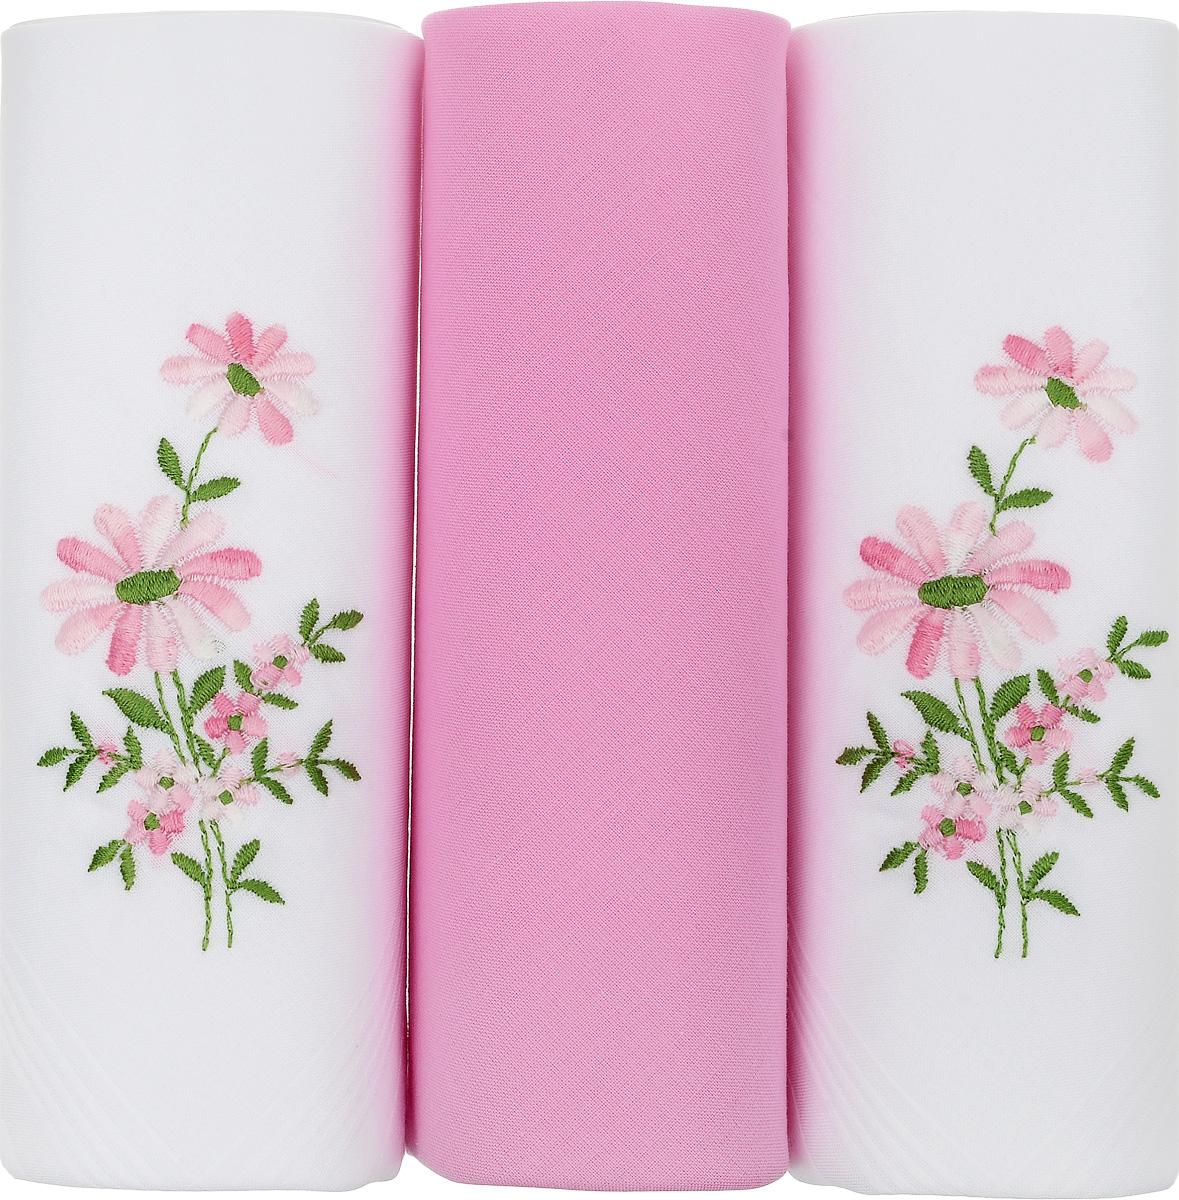 Платок носовой женский Zlata Korunka, цвет: белый, розовый, 3 шт. 25605-18. Размер 30 см х 30 см25605-18Небольшой женский носовой платок Zlata Korunka изготовлен из высококачественного натурального хлопка, благодаря чему приятен в использовании, хорошо стирается, не садится и отлично впитывает влагу. Практичный и изящный носовой платок будет незаменим в повседневной жизни любого современного человека. Такой платок послужит стильным аксессуаром и подчеркнет ваше превосходное чувство вкуса. В комплекте 3 платка.